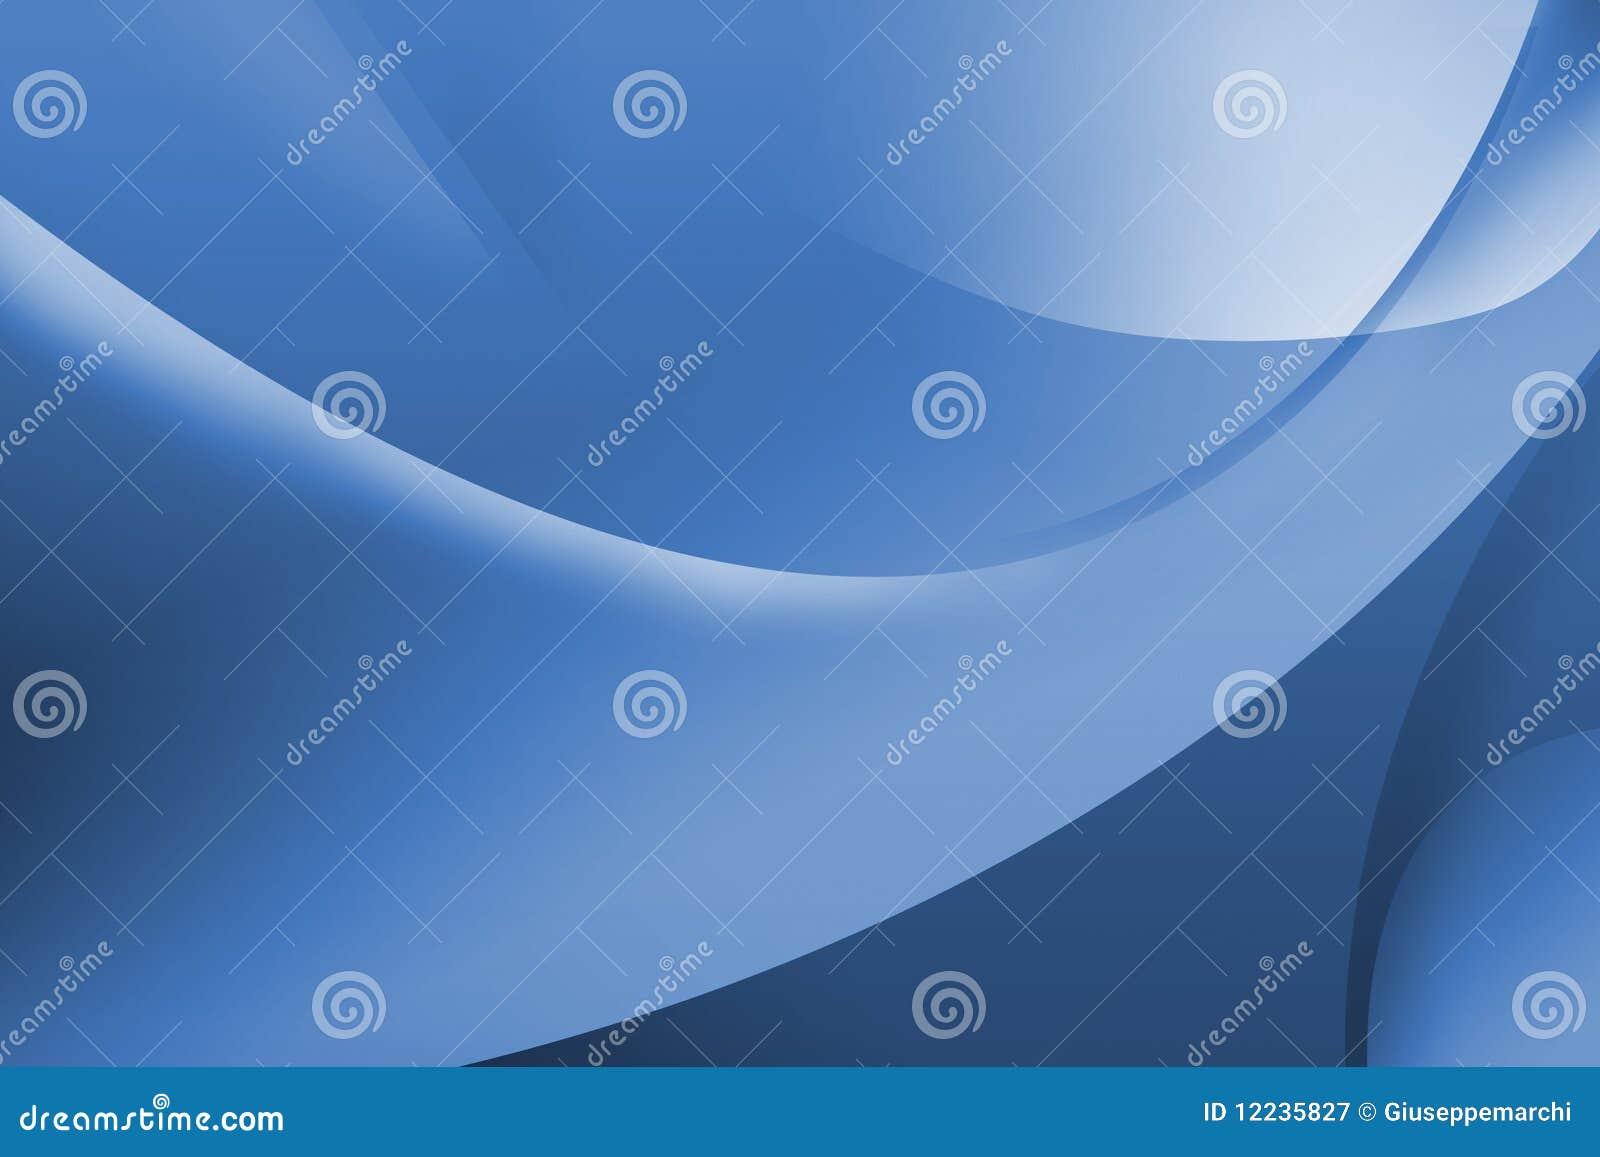 Carta da parati blu astratta illustrazione di stock for Carta parati blu